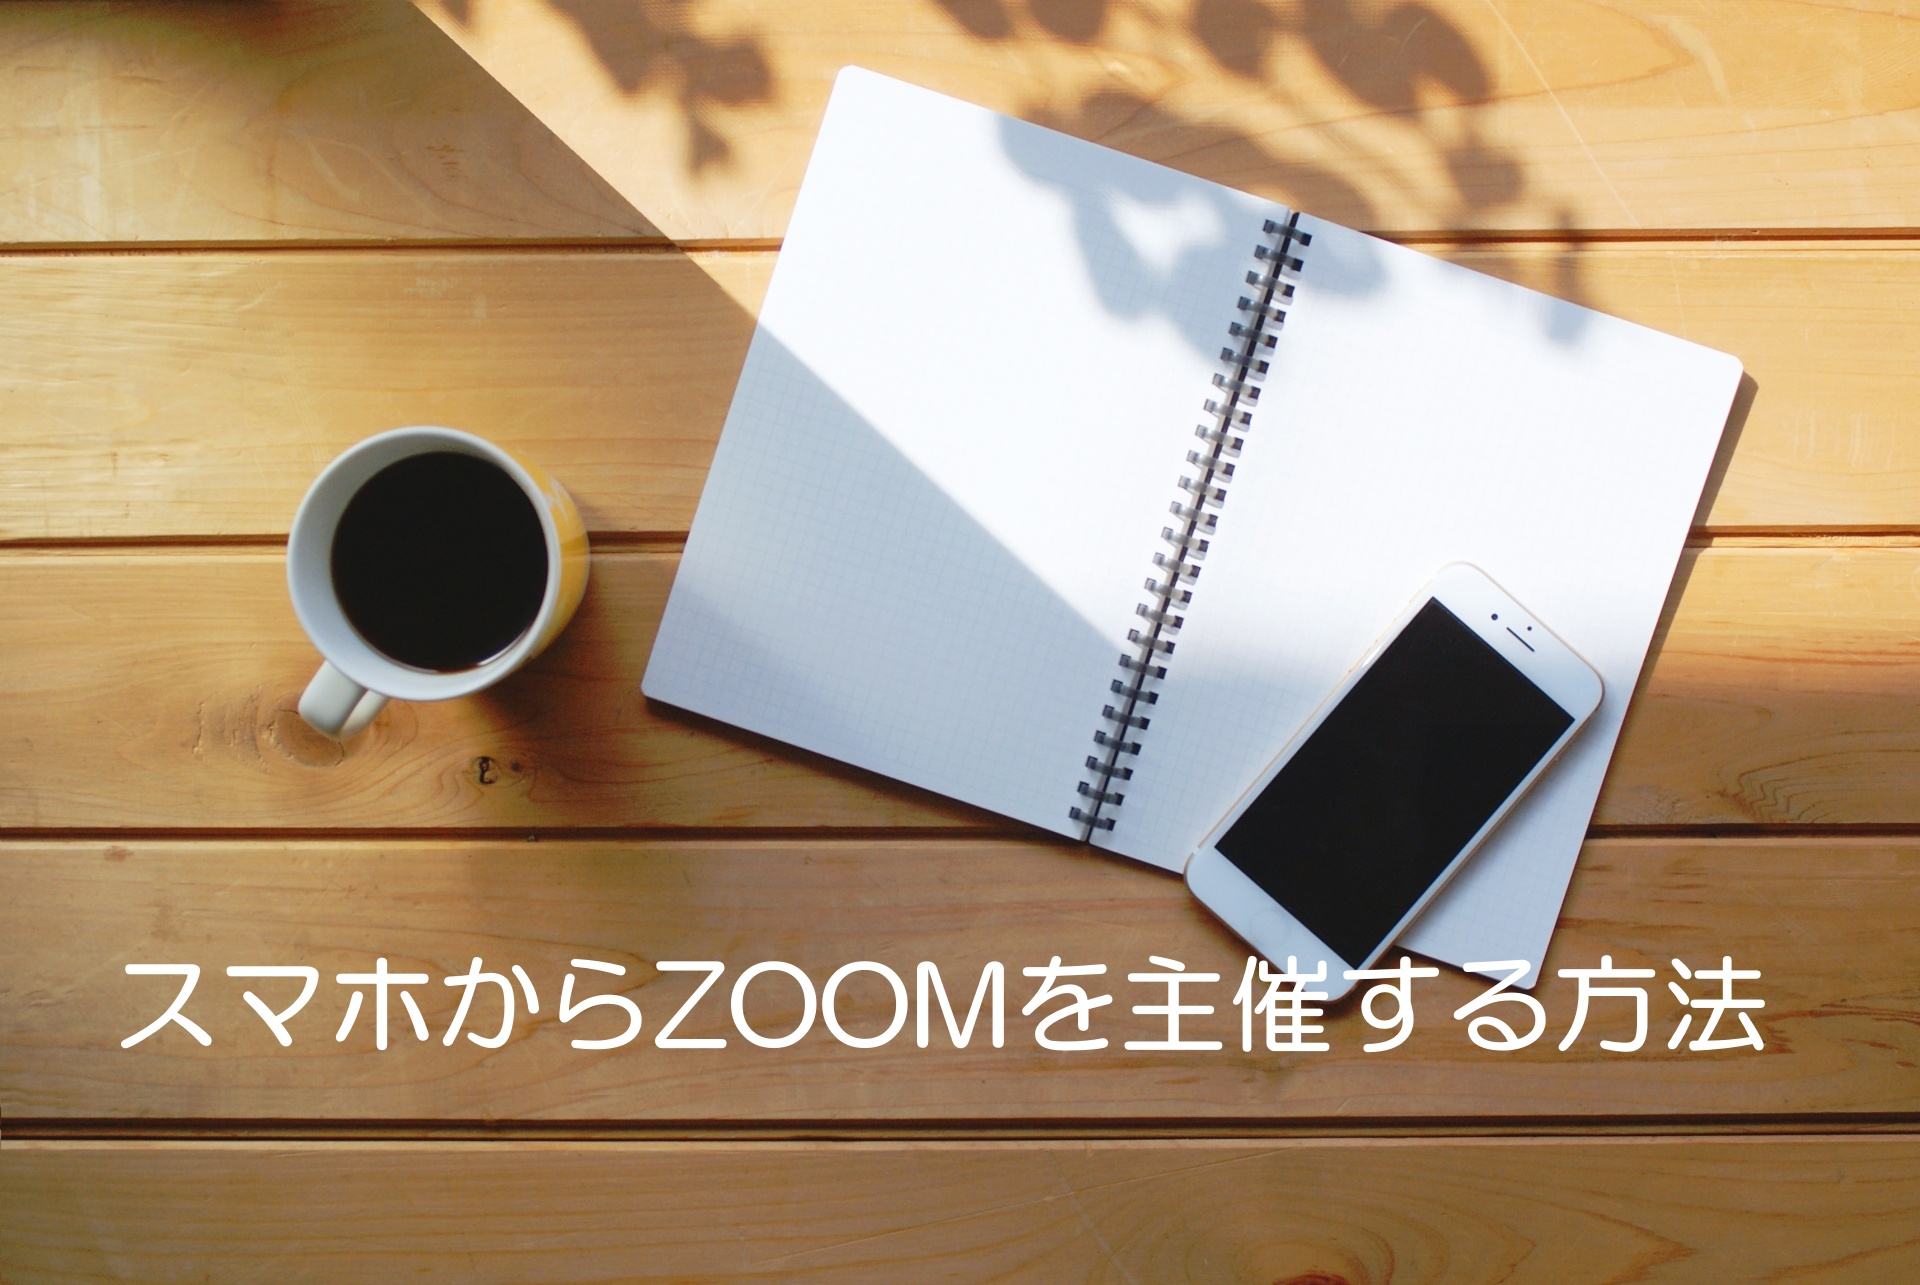 スマホからZOOMを主催する方法